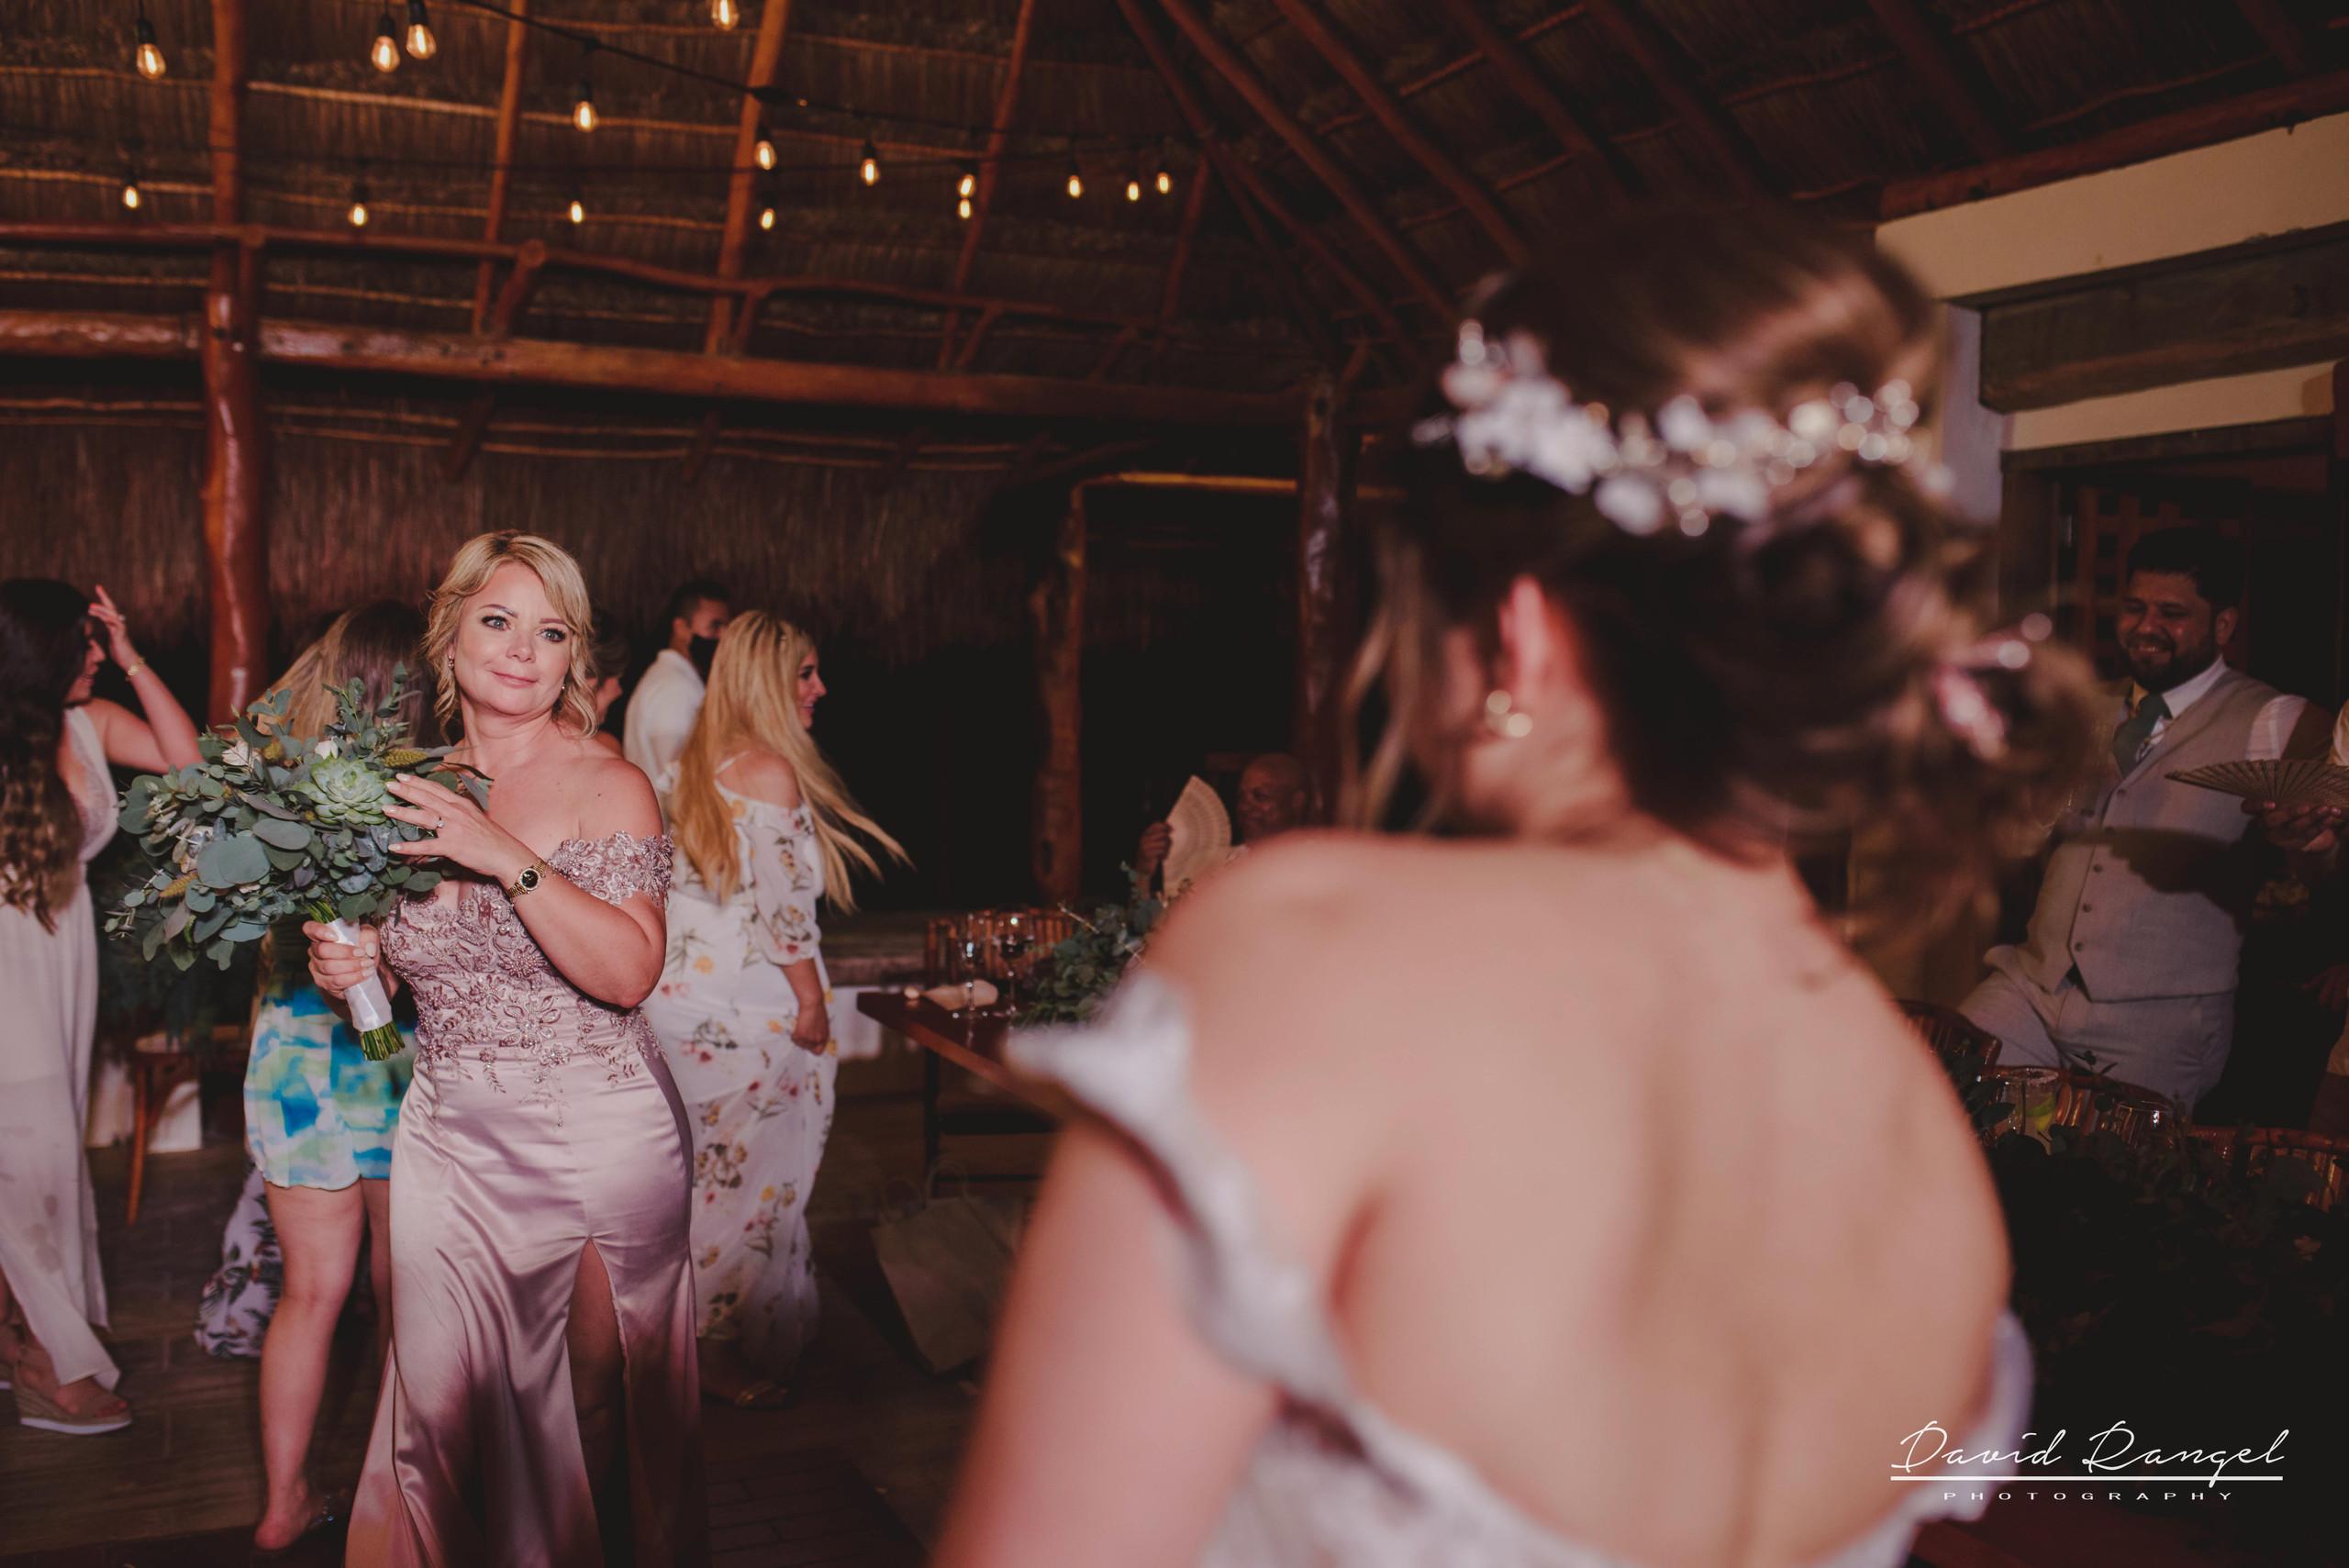 wedding+bouquet+flowers+girls+guest+launch